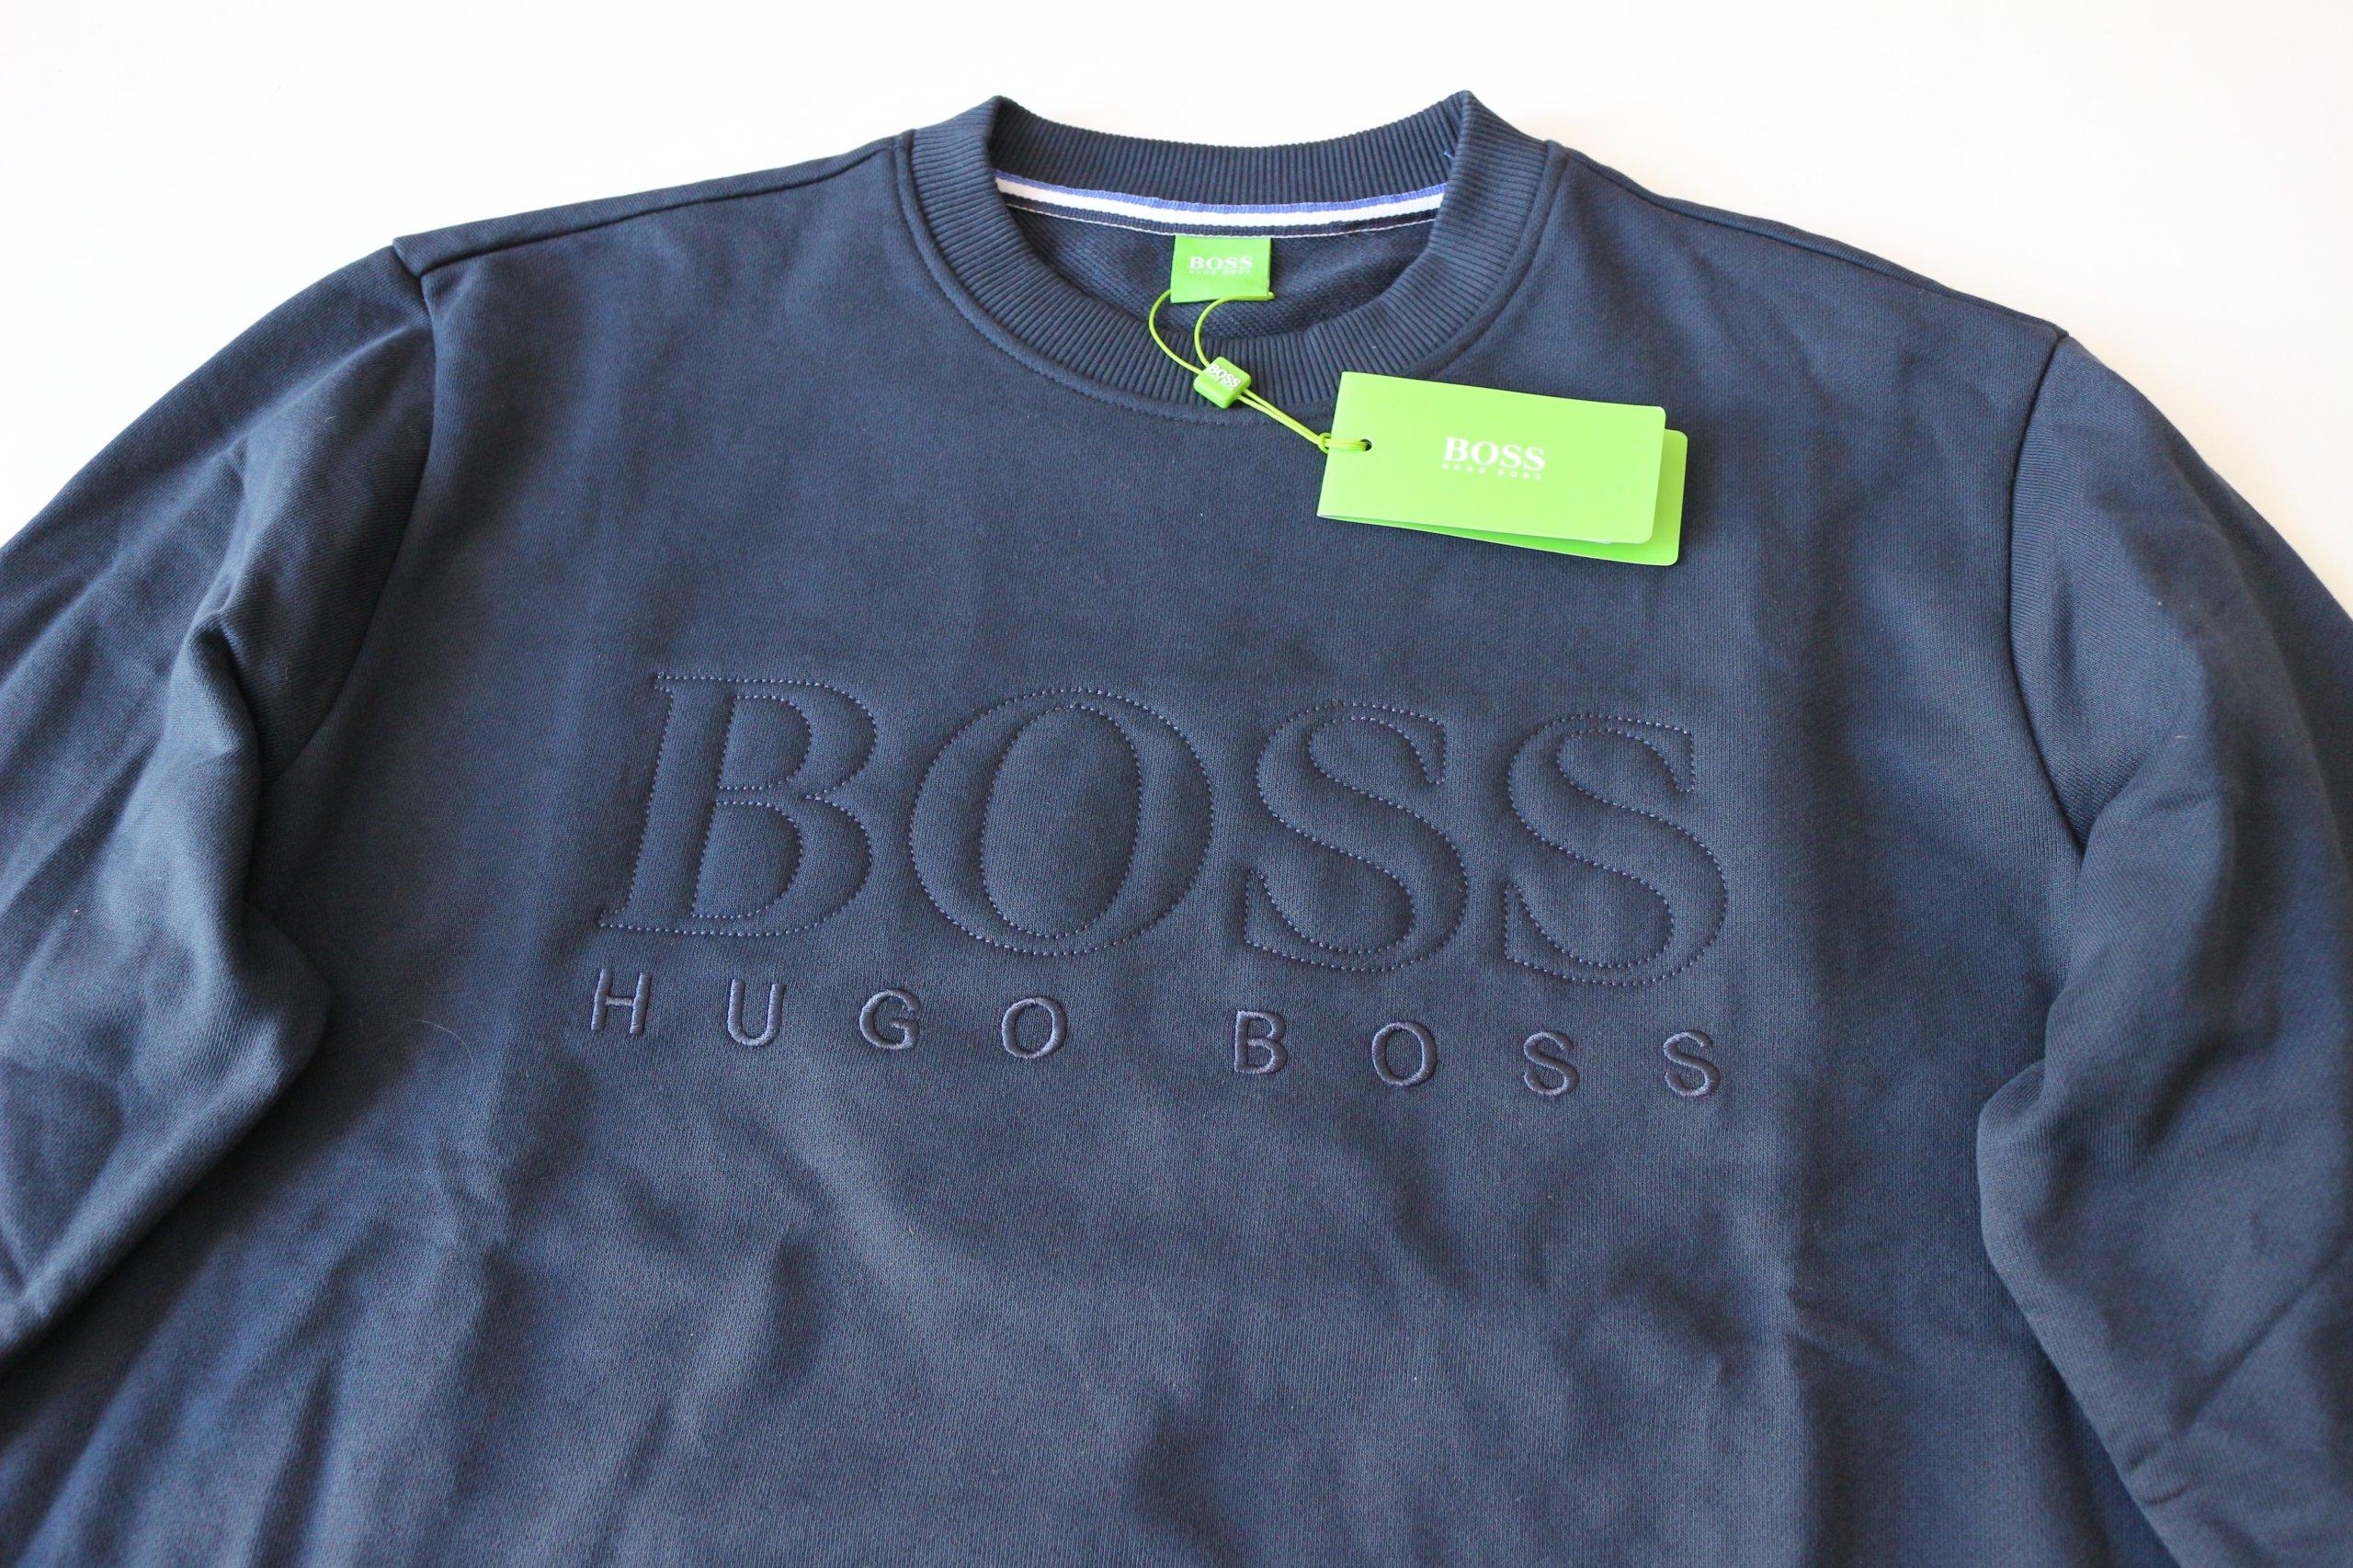 d28571f4fc28f HUGO BOSS GREEN bluza rozm XXXL ŁÓDŹ - 7242139904 - oficjalne ...